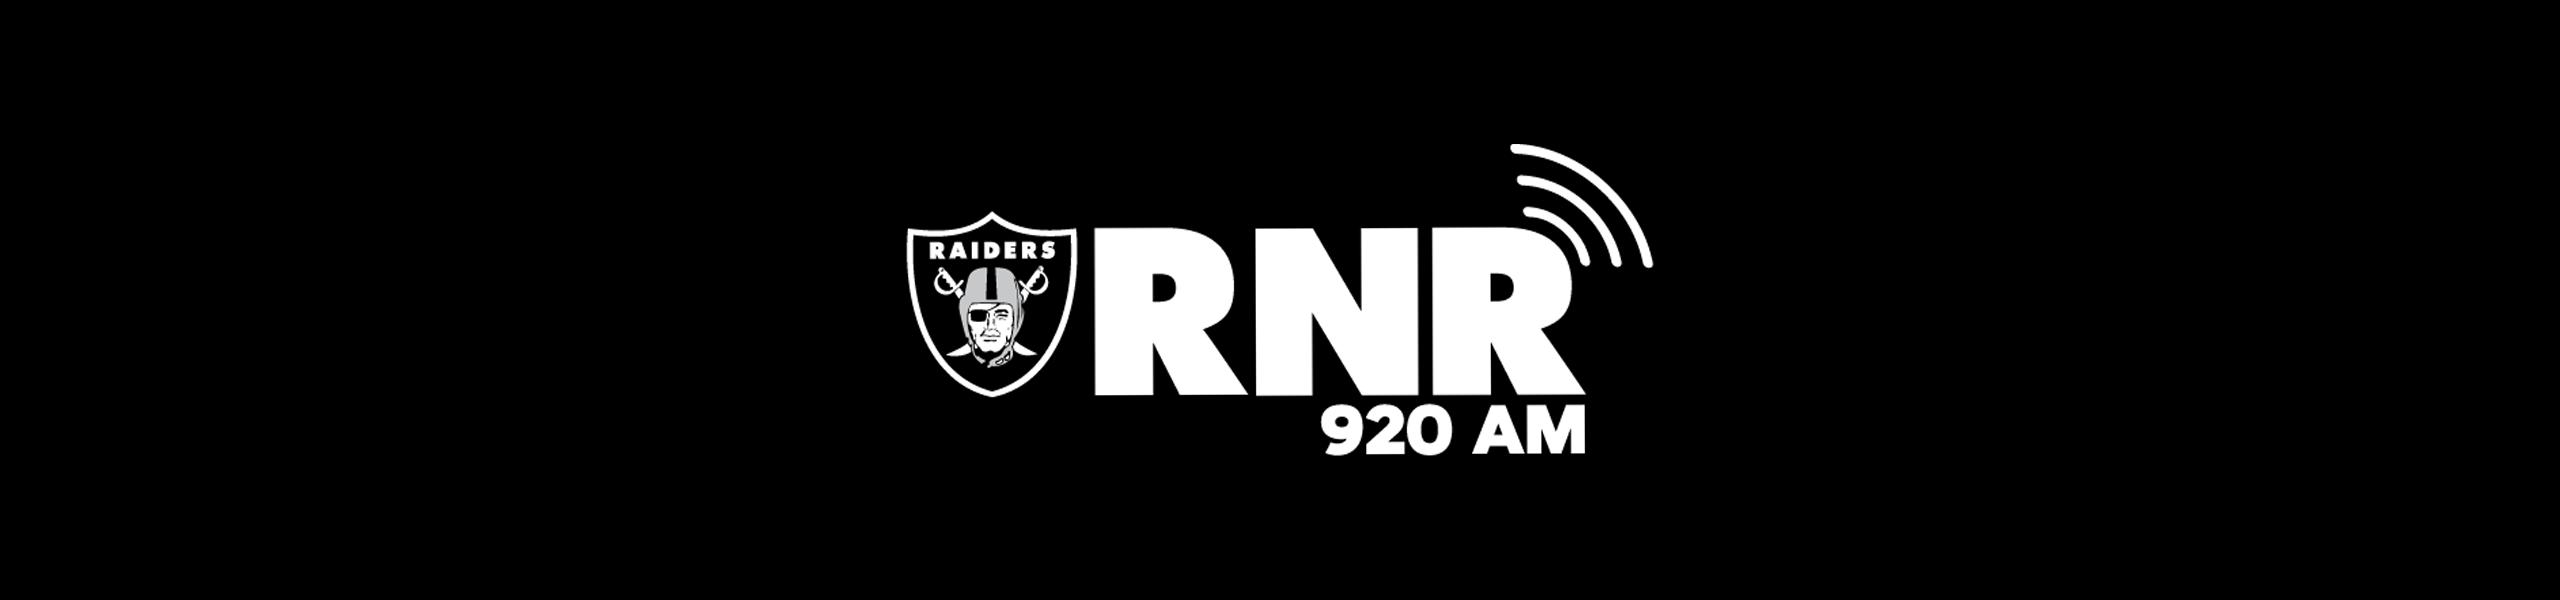 RNR logo header